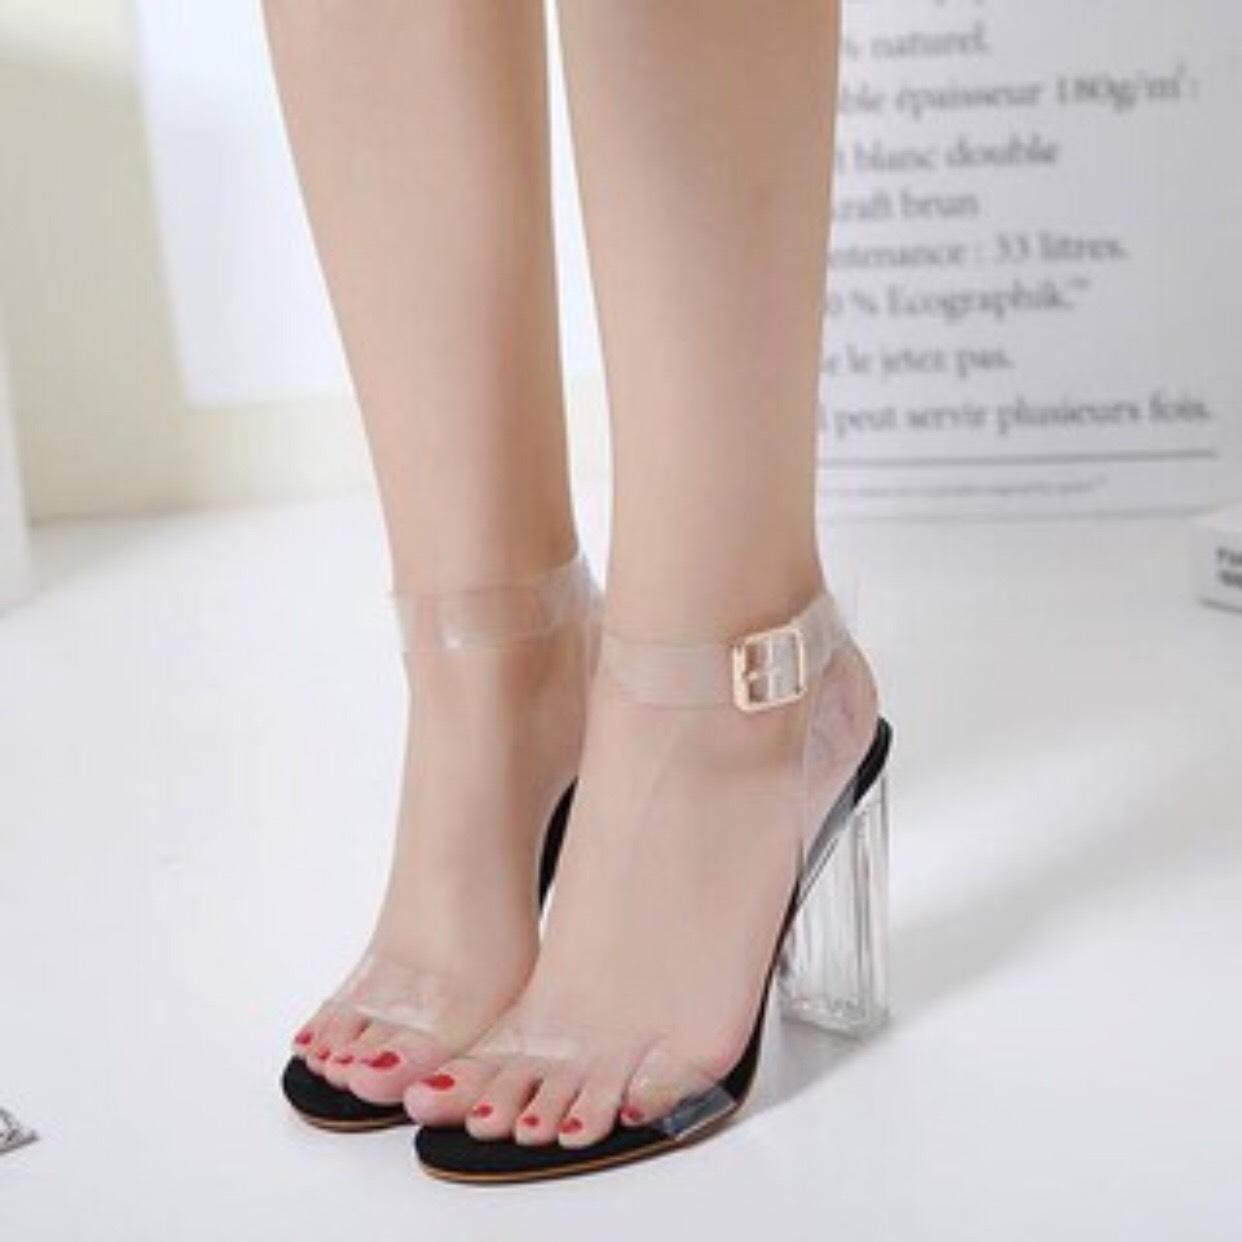 Giày cao gót 9 phân quai trong dây quấn LT